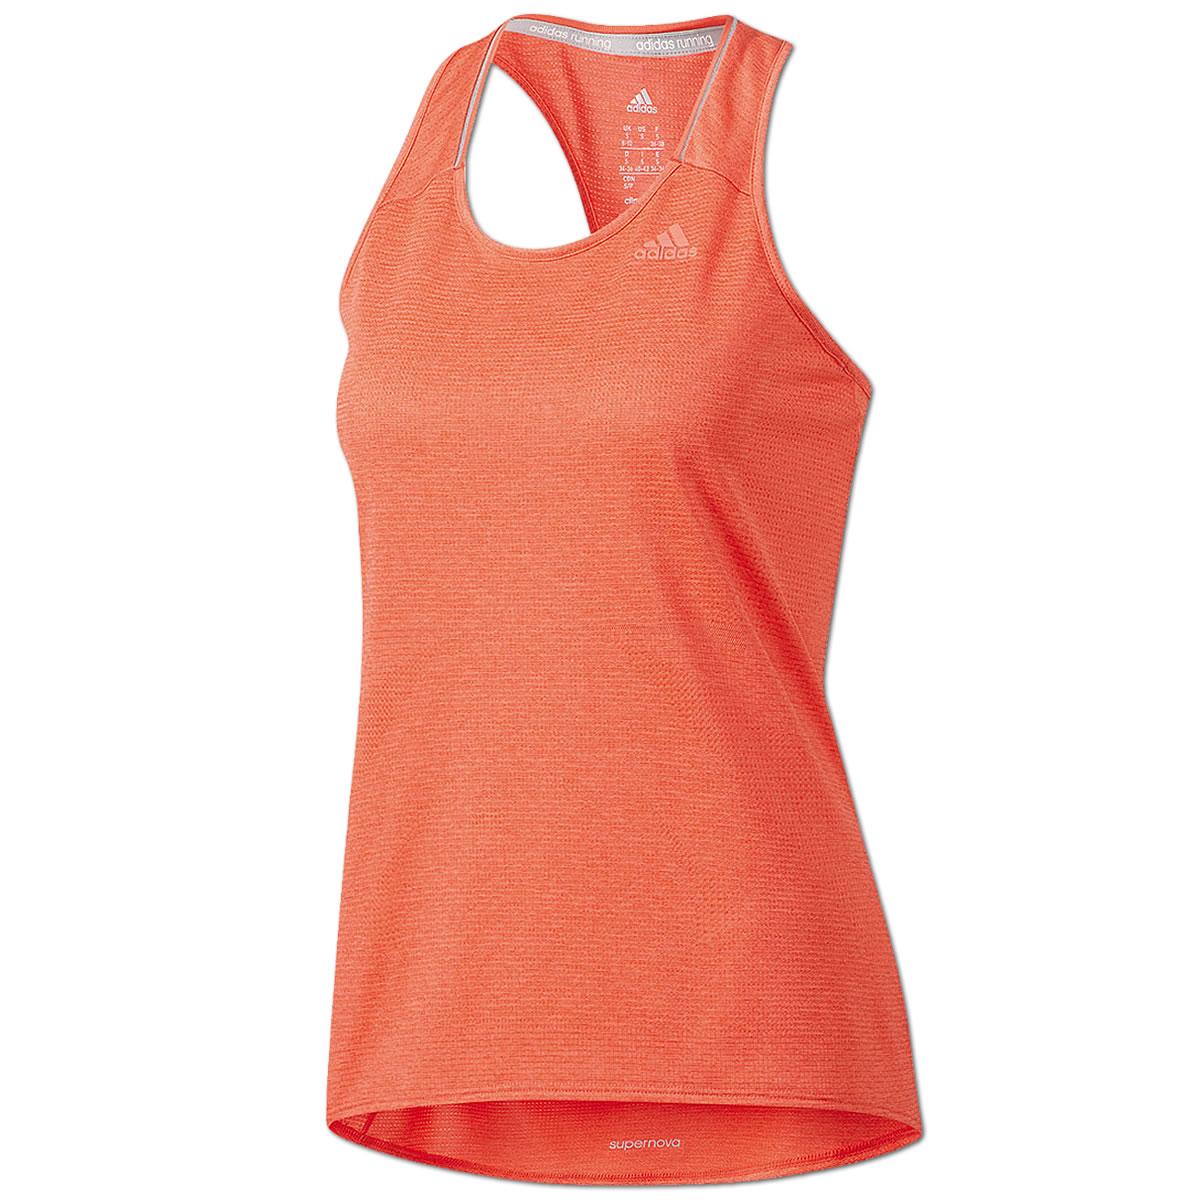 adidas aeroknit damen lauf-t-shirt rosa v ausschnitt